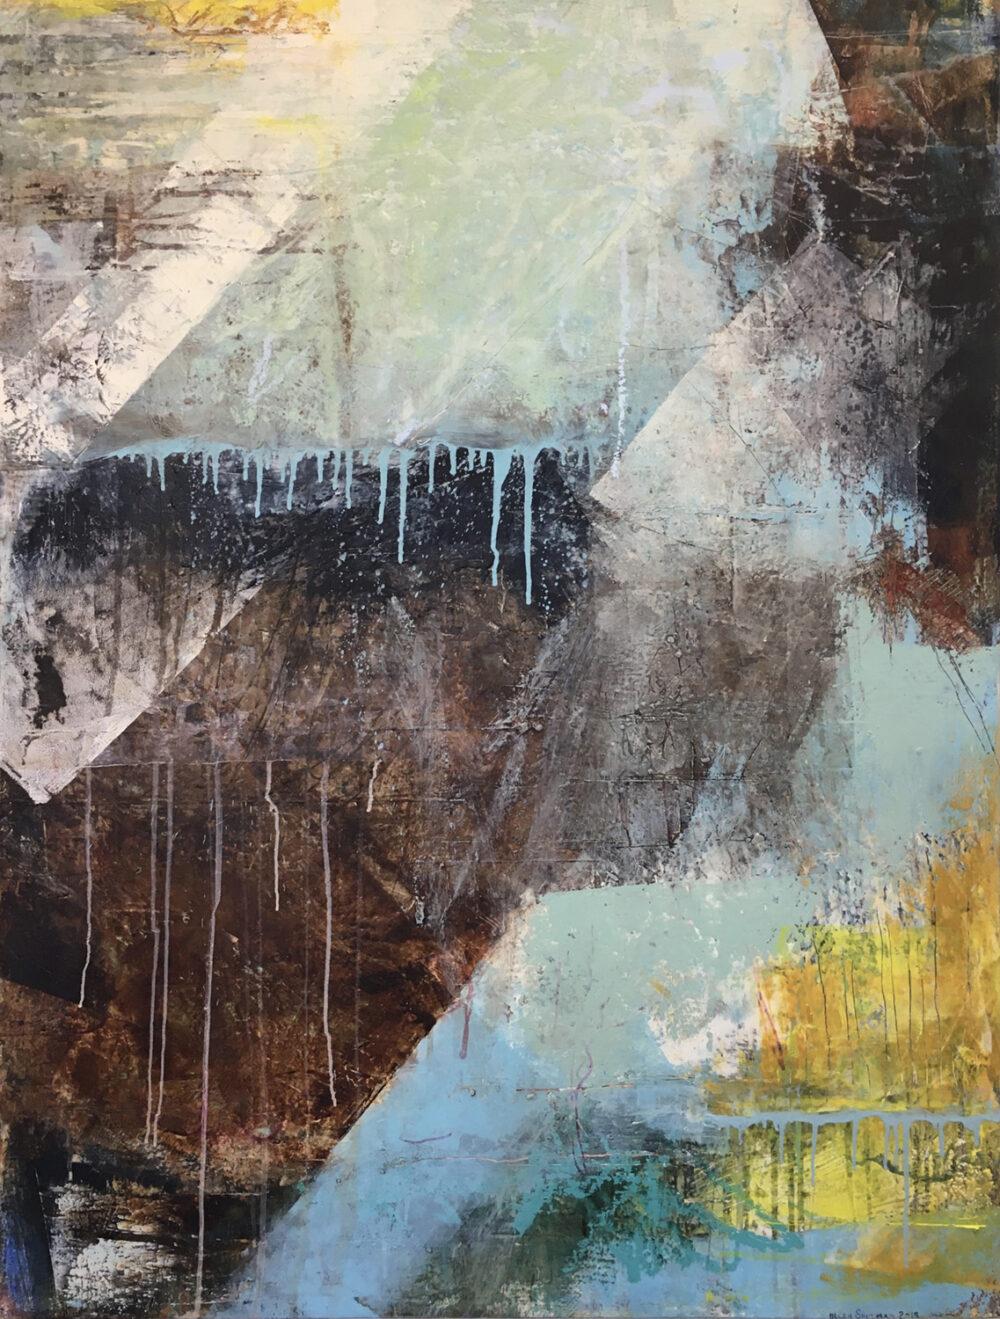 Helen Shulman - Cliff Dwellings